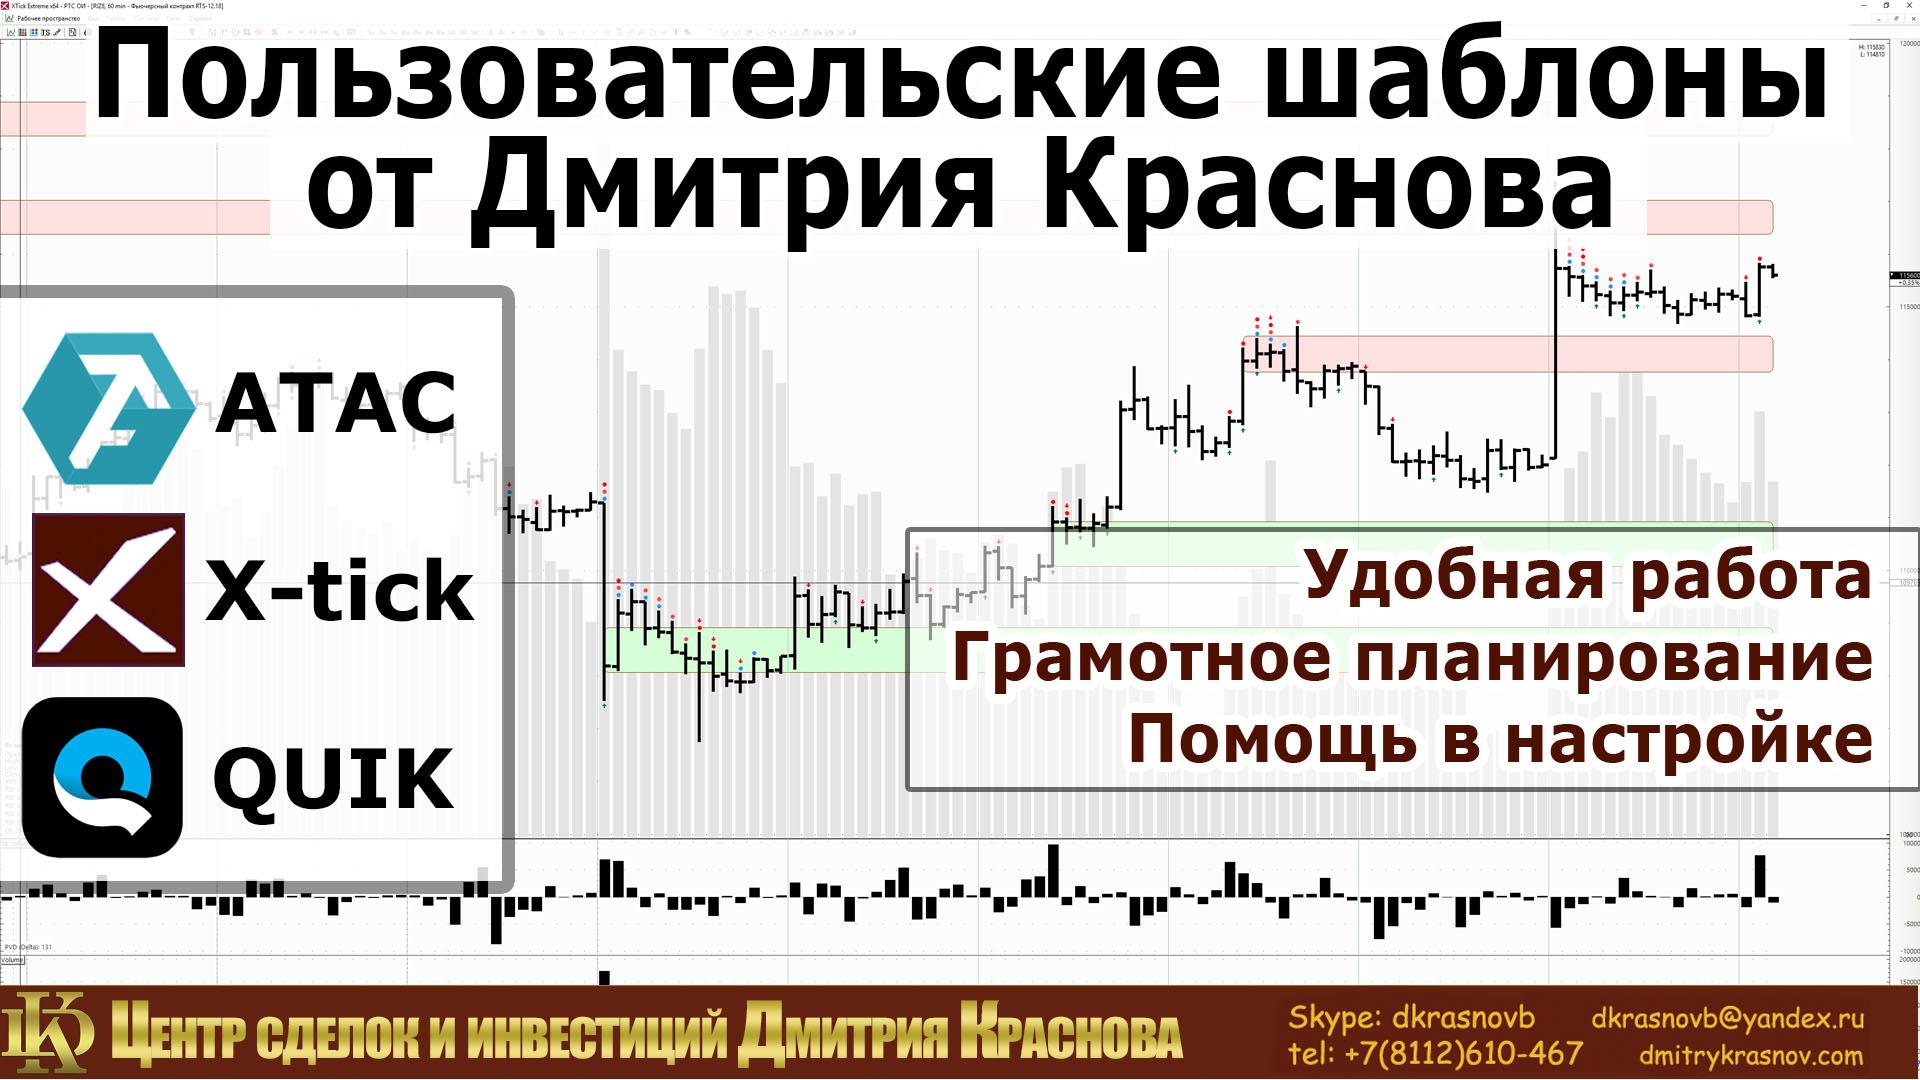 Пользовательские шаблоны Дмитрия Краснова в программах QUIK, X-tick и ATAC.